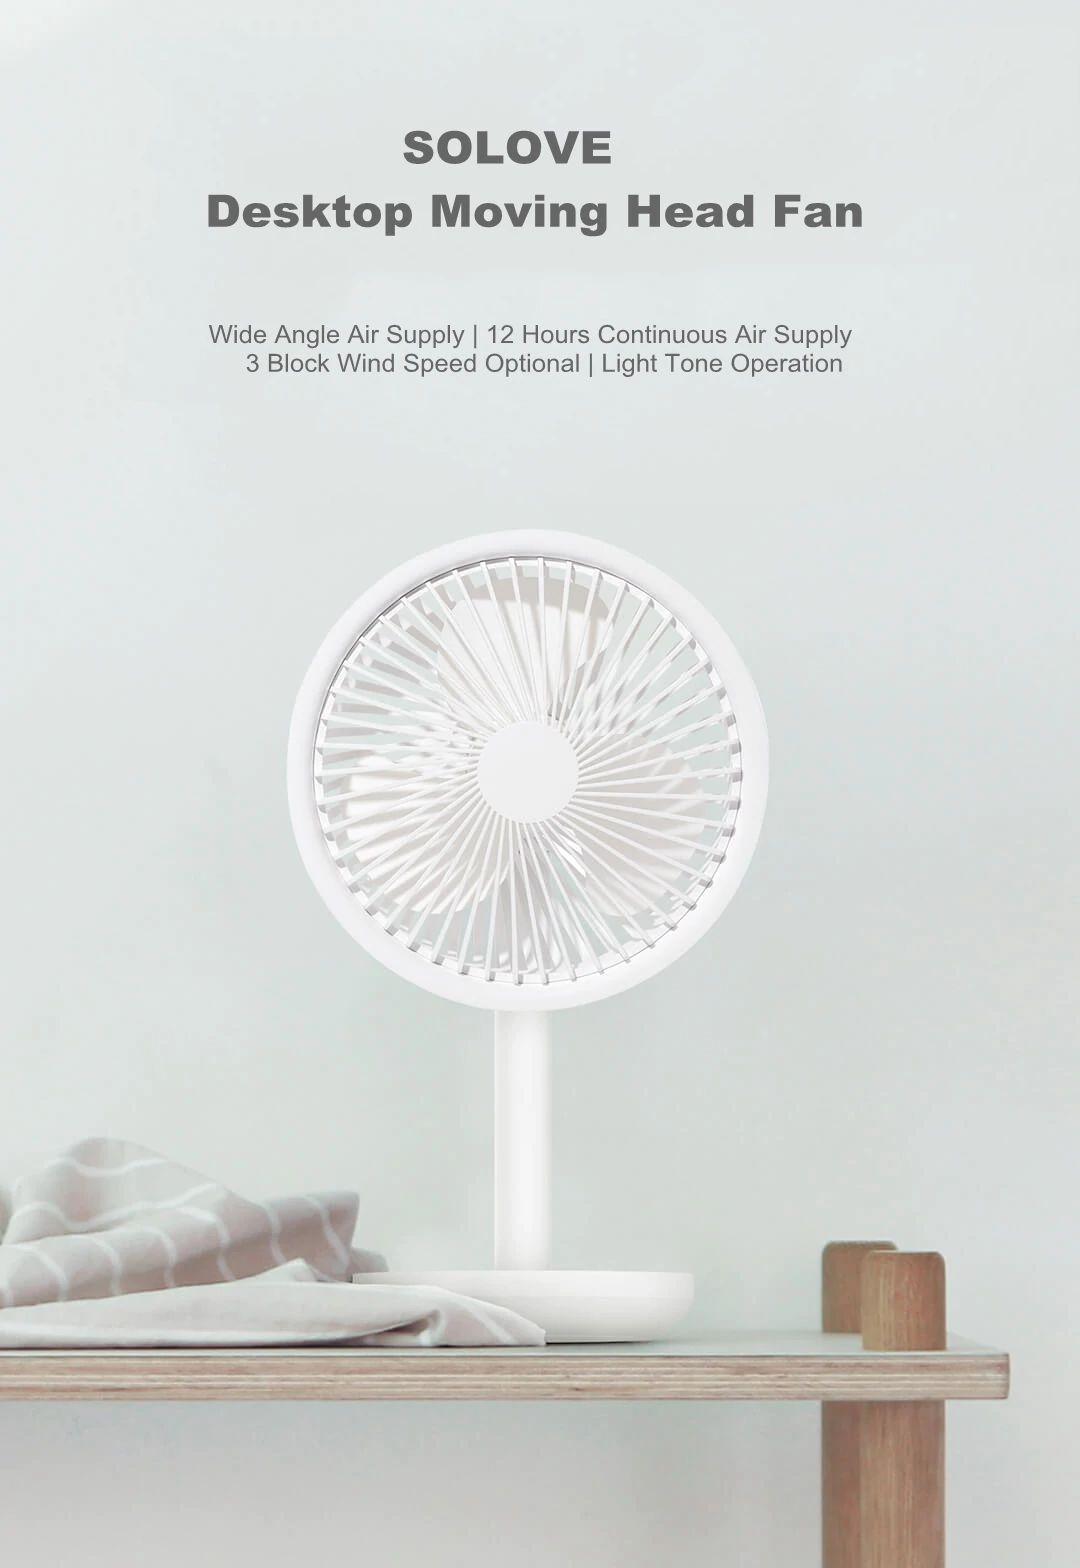 Xiaomi Mijia Solove Usb Desktop Fan 4000mah Battery Capacity (3)